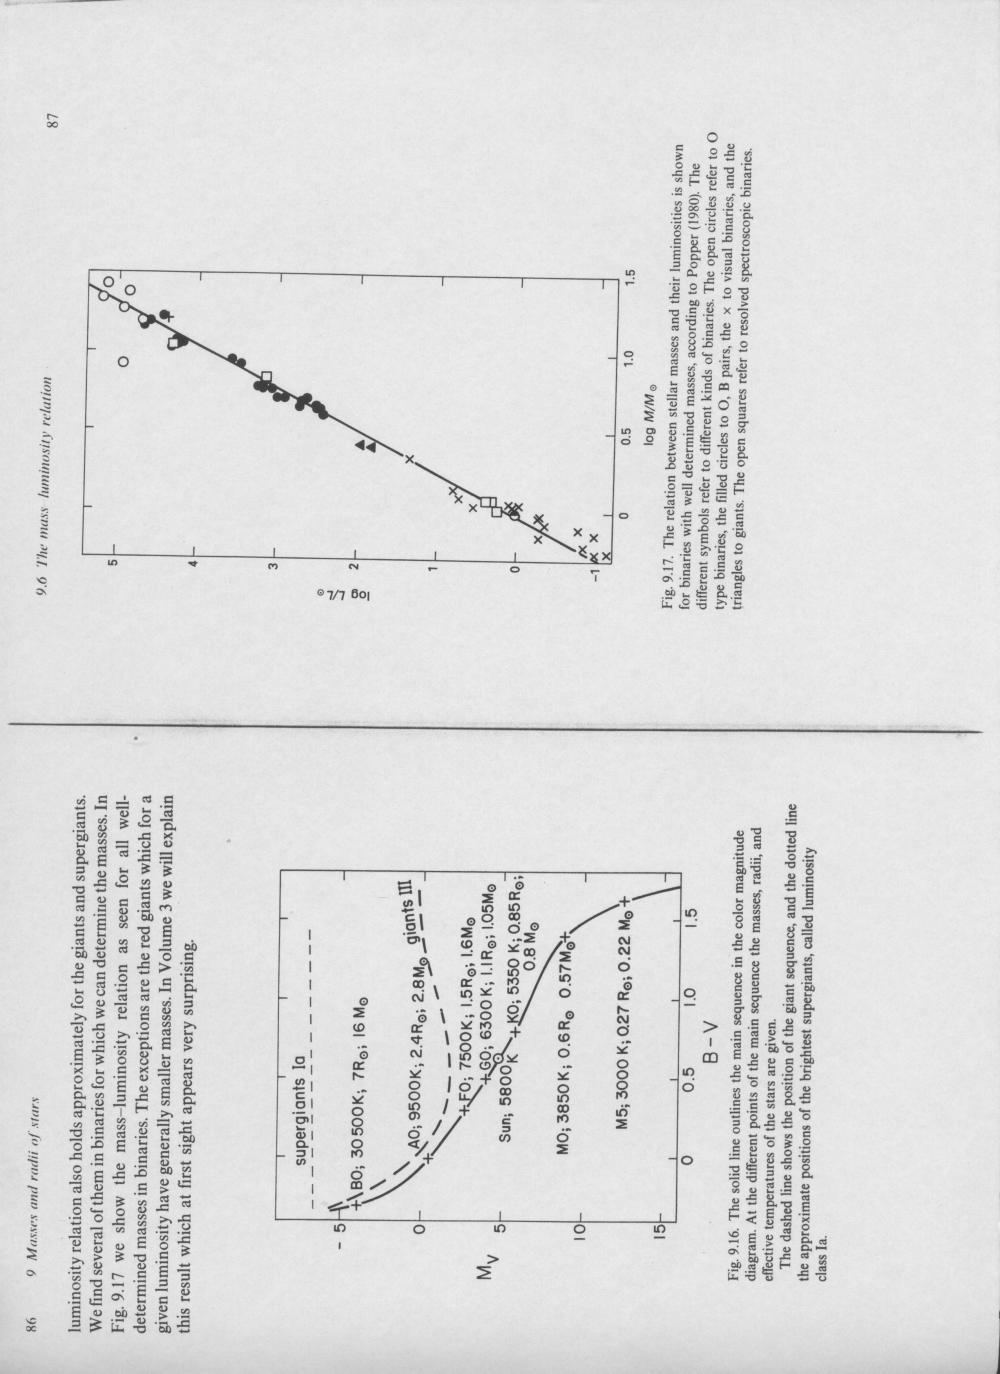 medium resolution of bv 86 87 jpg